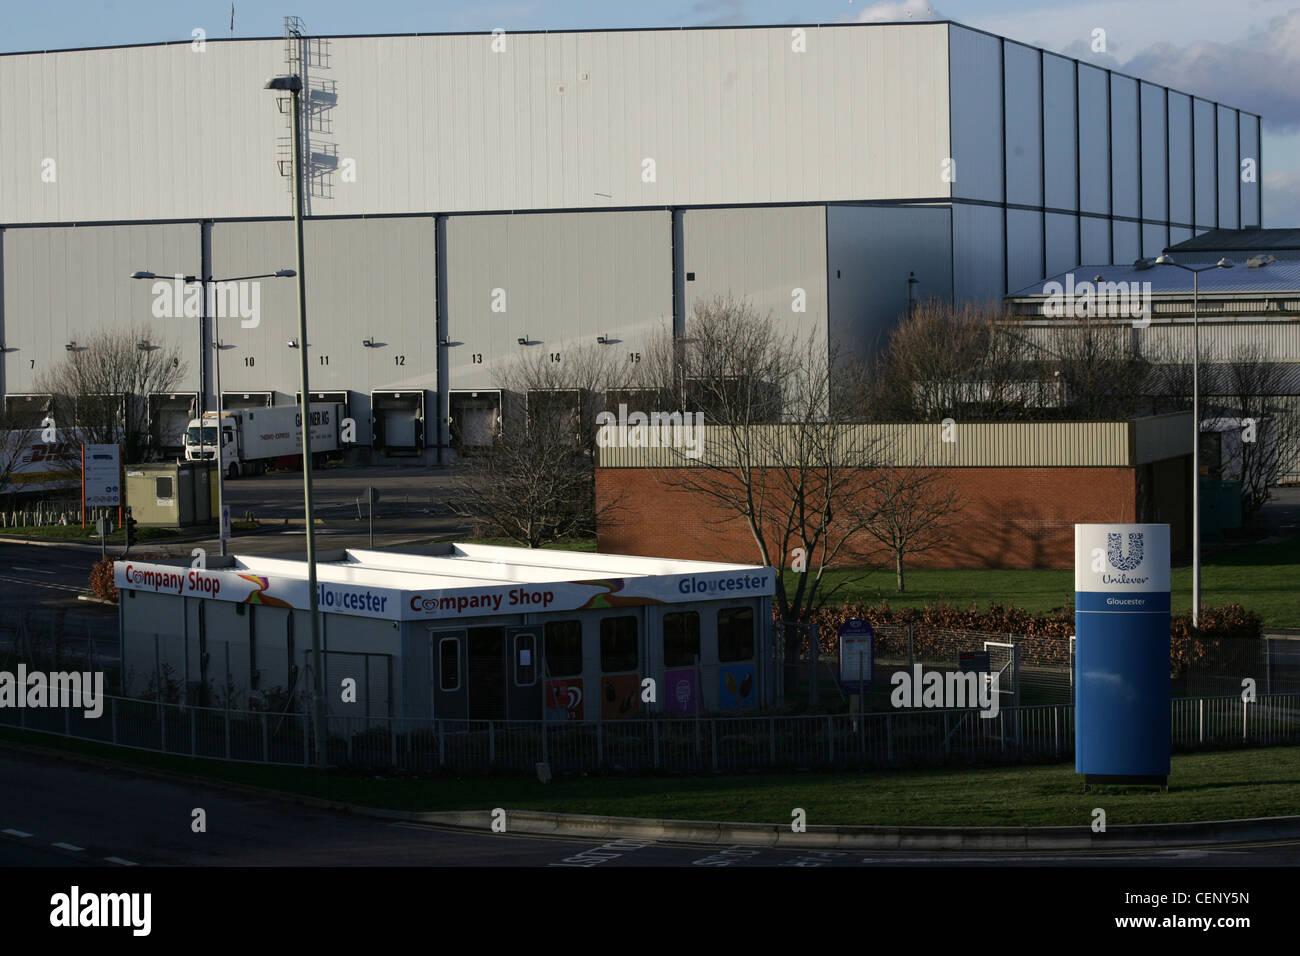 unilever company gates at gloucester uk factory - Stock Image